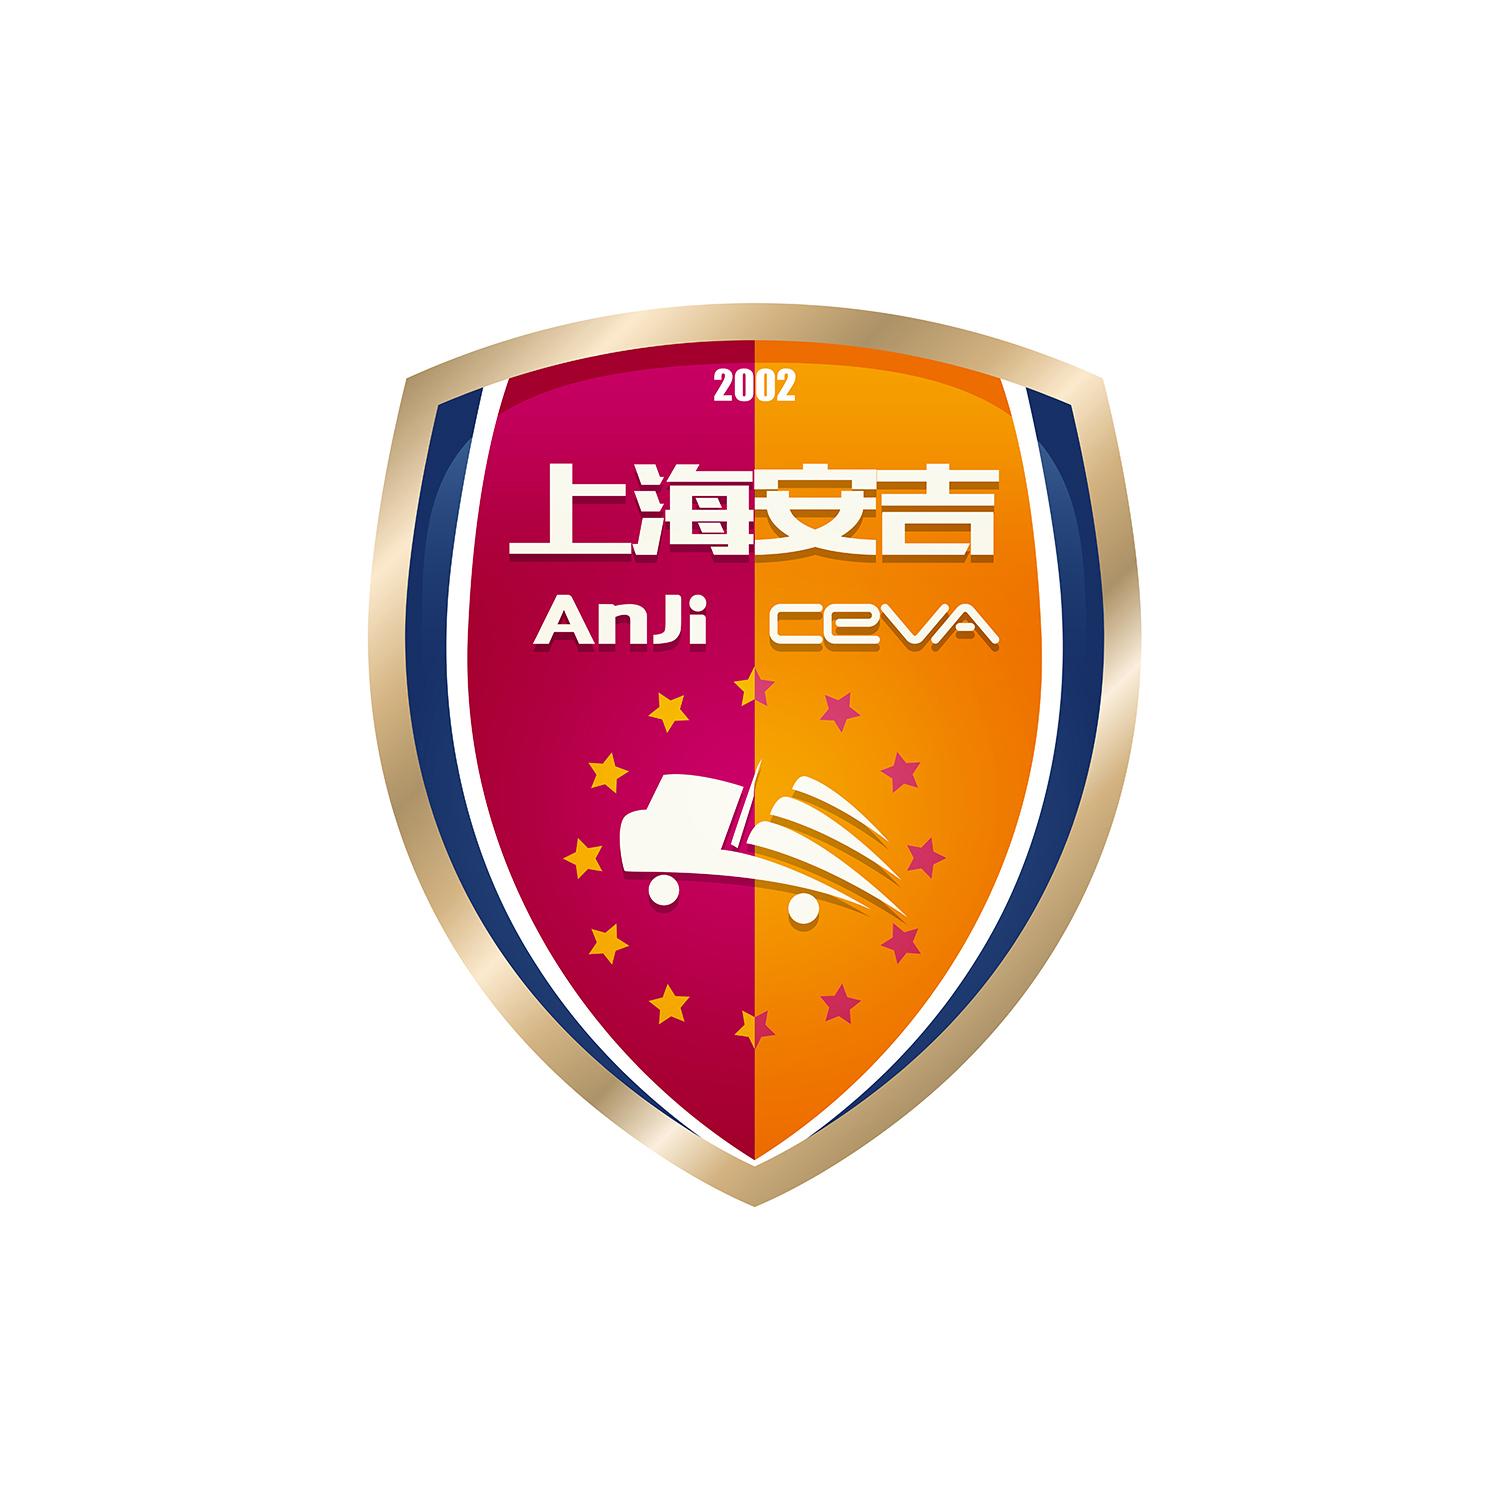 上海安吉字体足球队徽标设计环保的手抄报物流设计图片图片